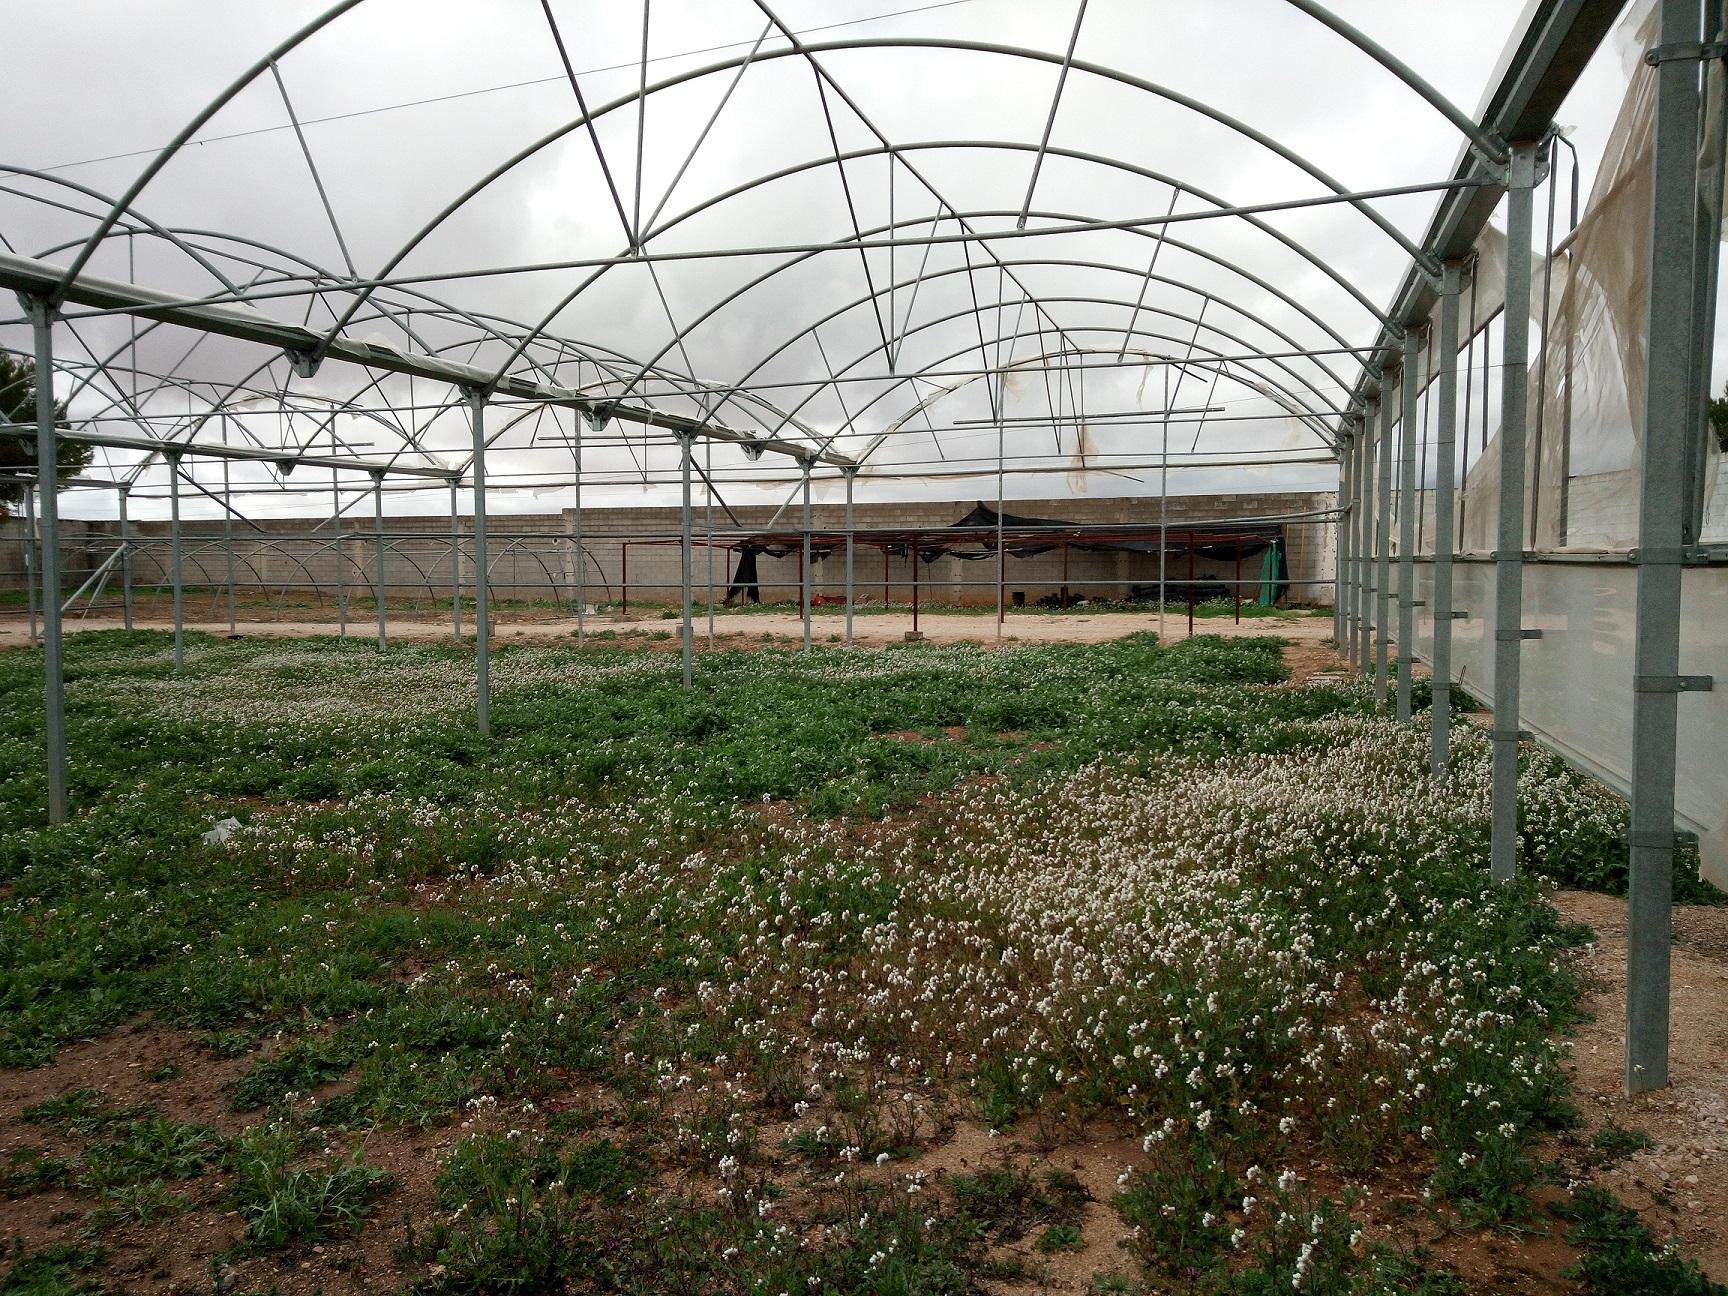 Alumnos de Castilla-La Mancha ayudan a recuperar la biodiversidad agrícola de la región de la mano de Global Nature y Ecoembes